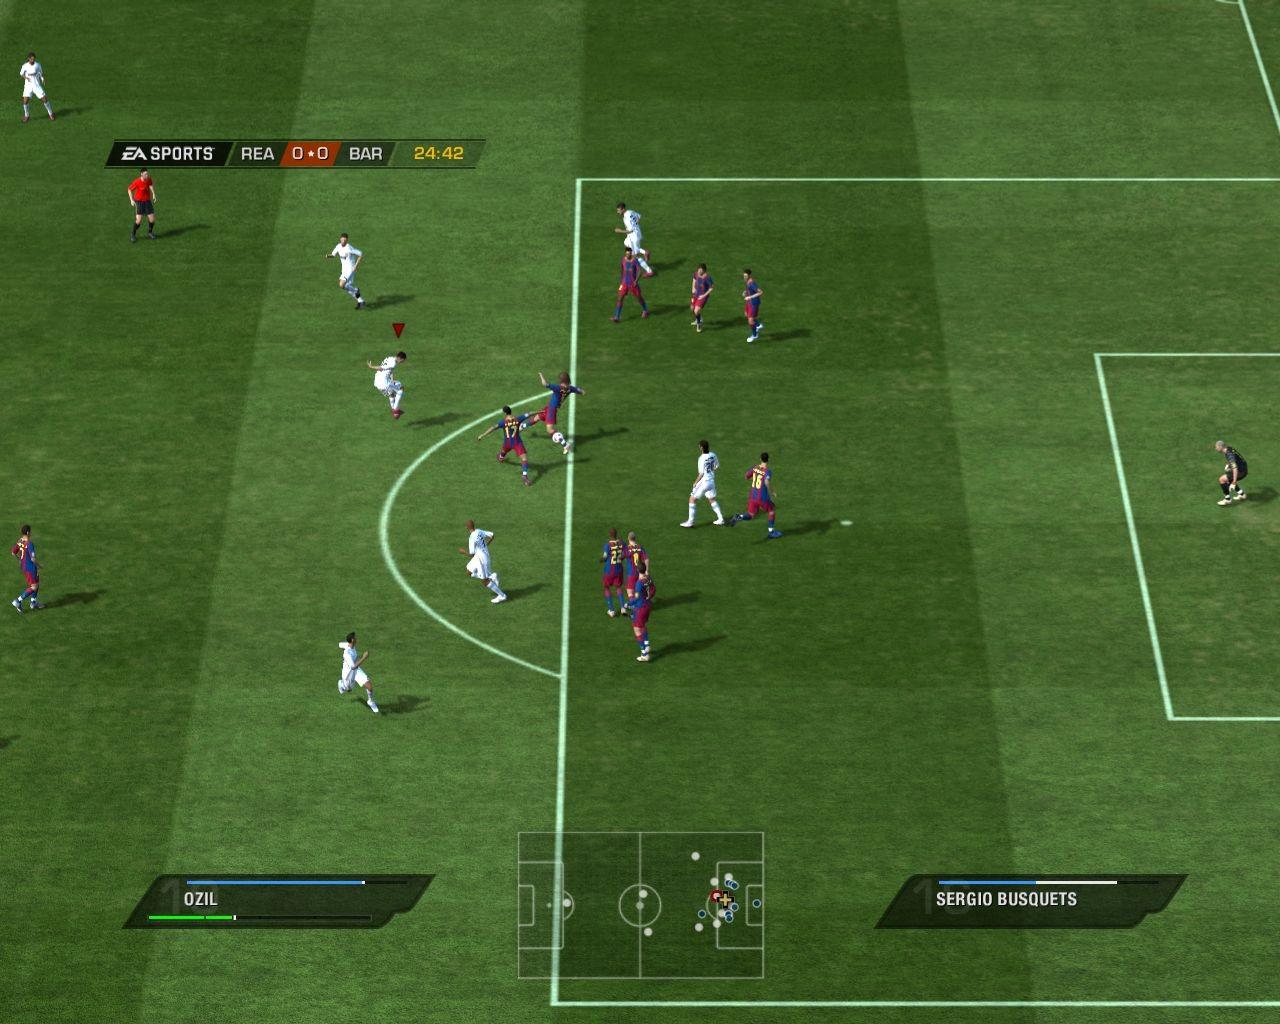 Telecharger Fifa 18 voor pc (windows) EA Sports est maintenant finalement de retour avec la nouvelle série du jeu FIFA qui est FIFA 18 et il est enfin disponible pour